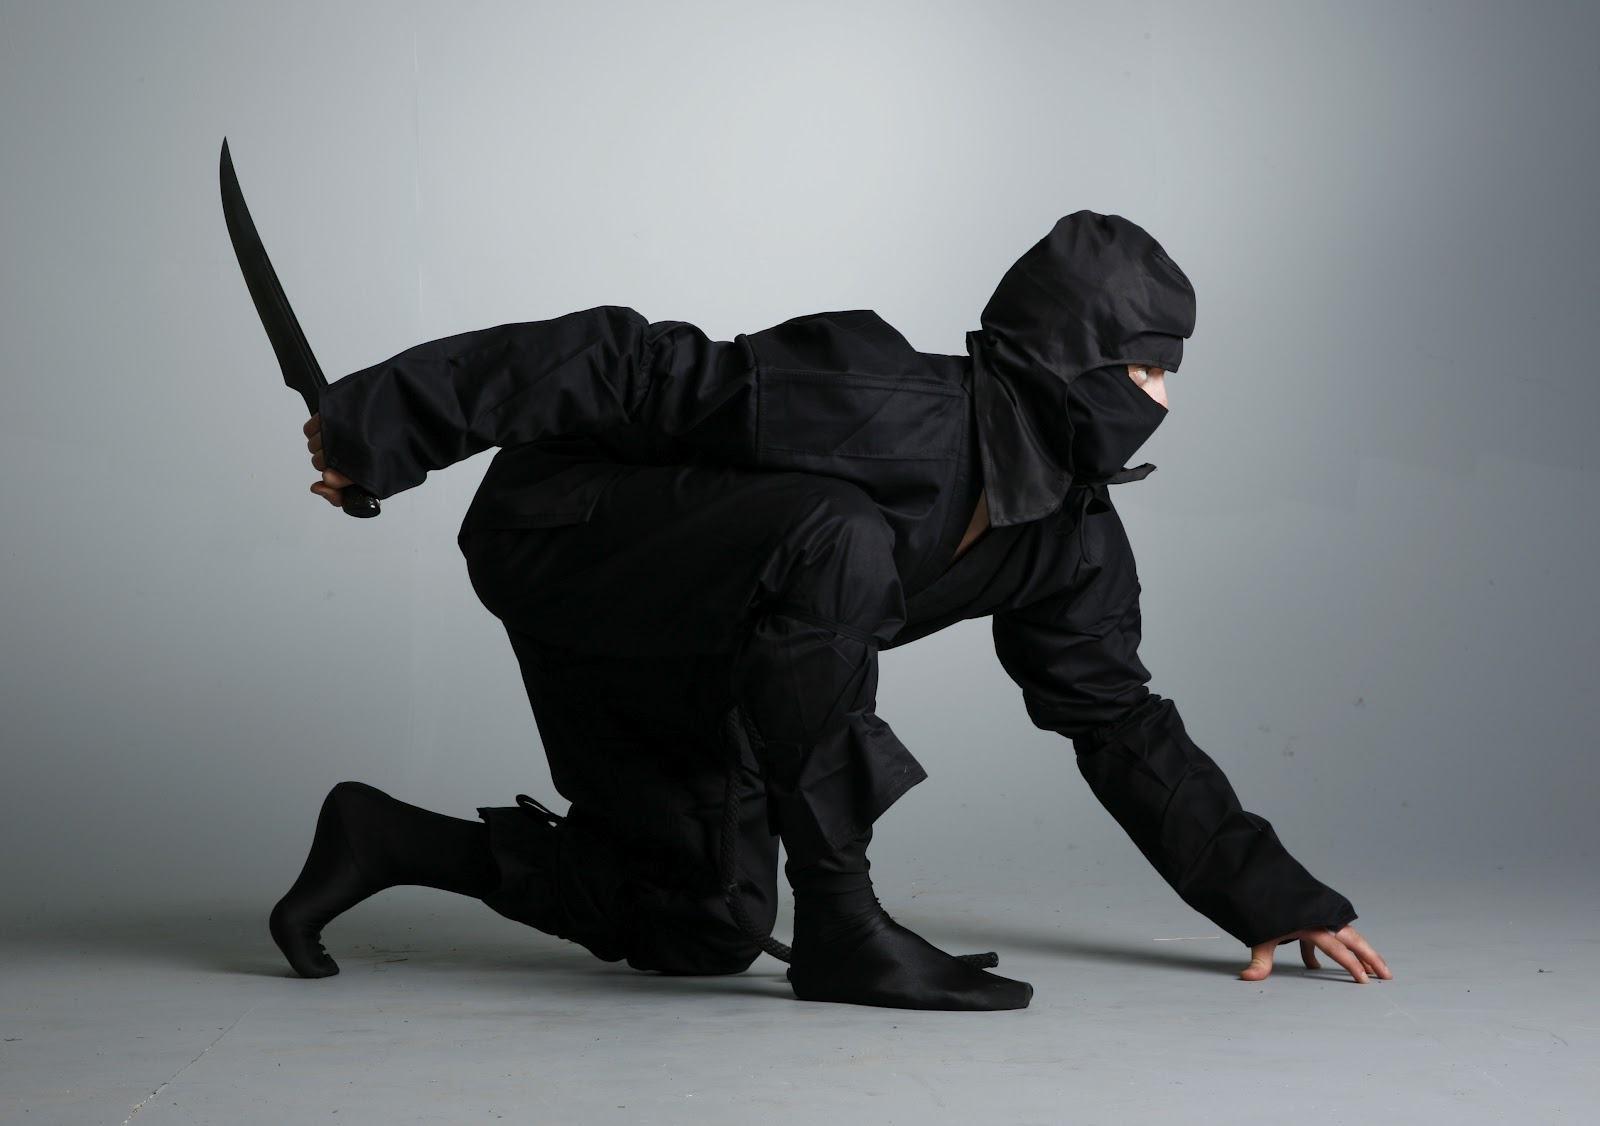 Top Five Martial Arts Self Defense Techniques Live Enhanced